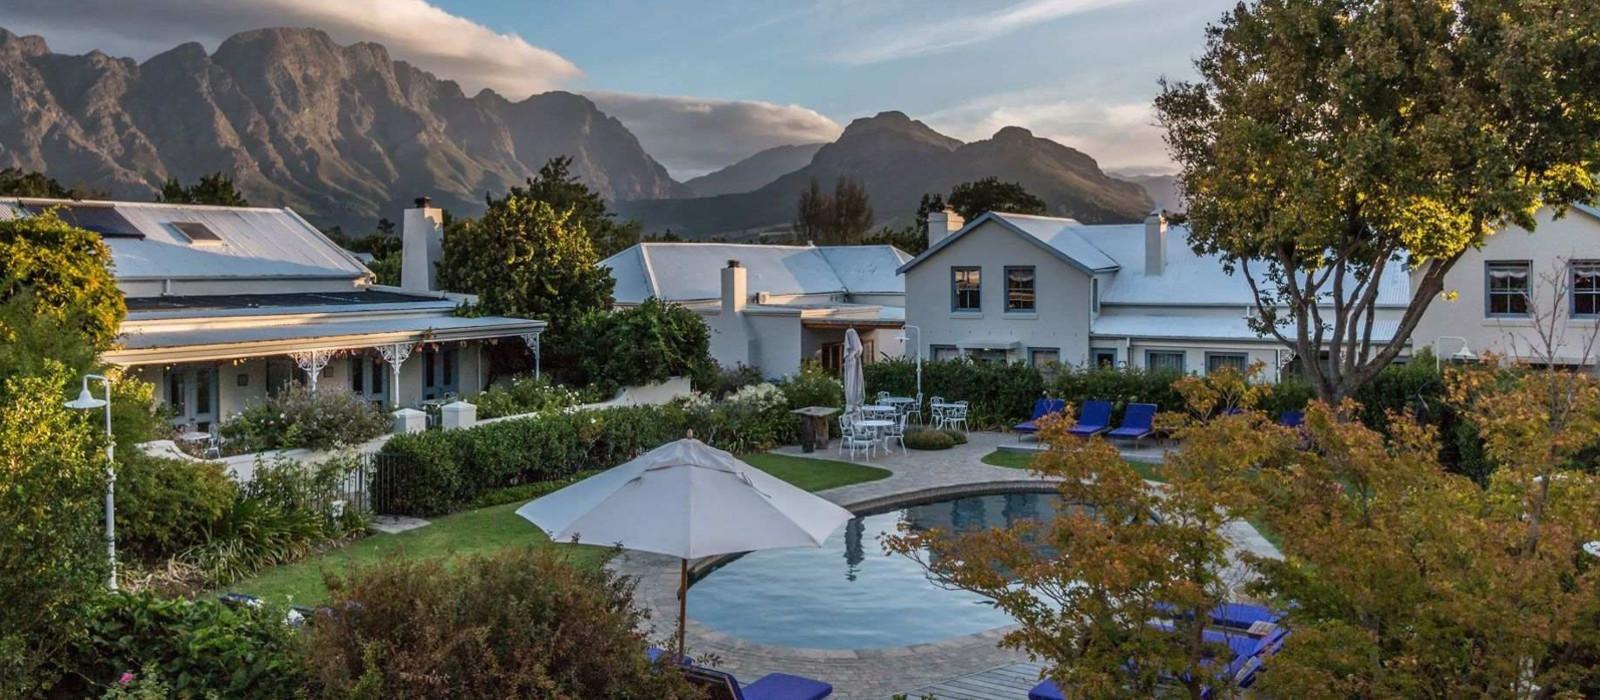 Hotel Le Quartier Francais South Africa